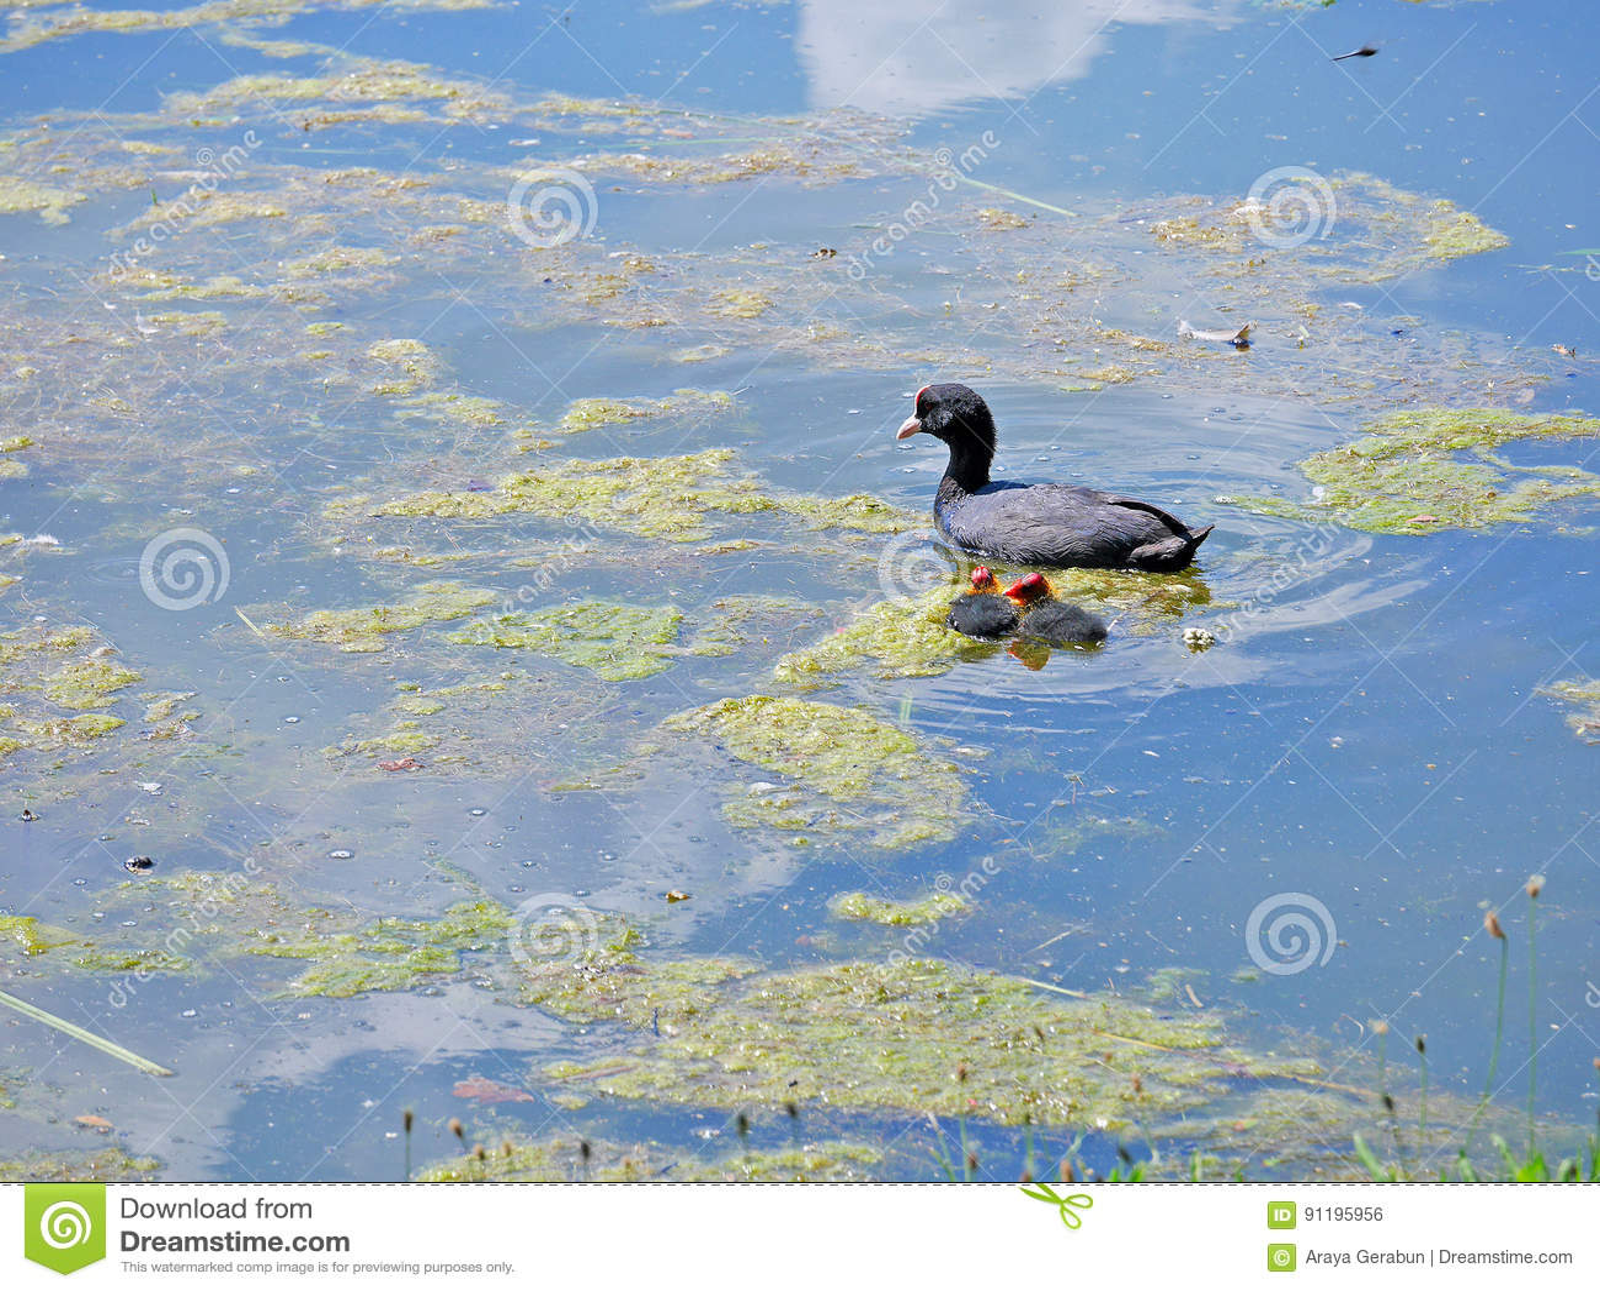 Koetwaterbirds